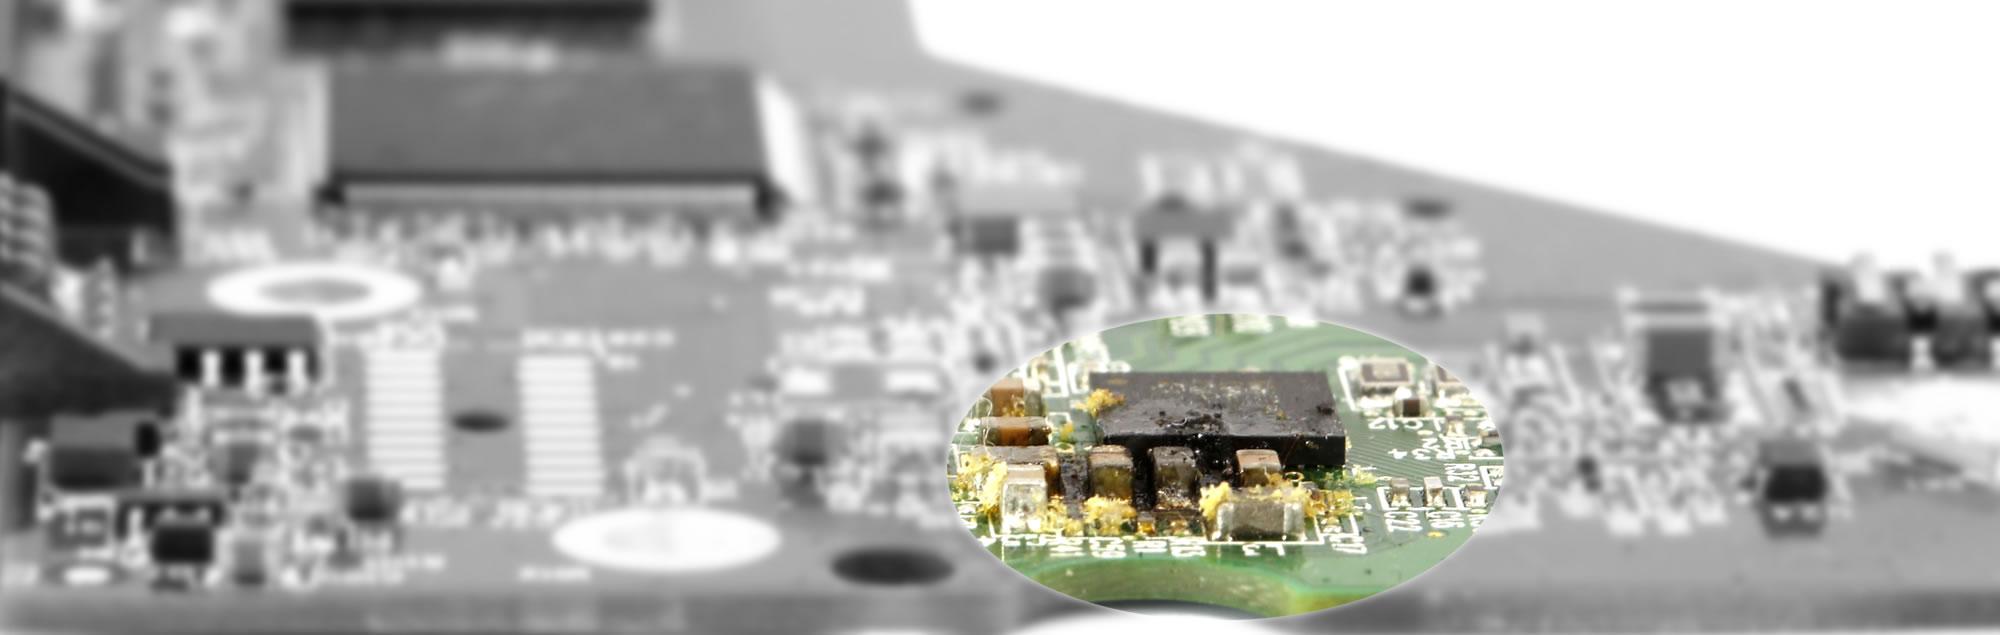 datenrettung-festplatte-elektronik-defekt-elektronikschaden-festplattenelektronik-bindig-media